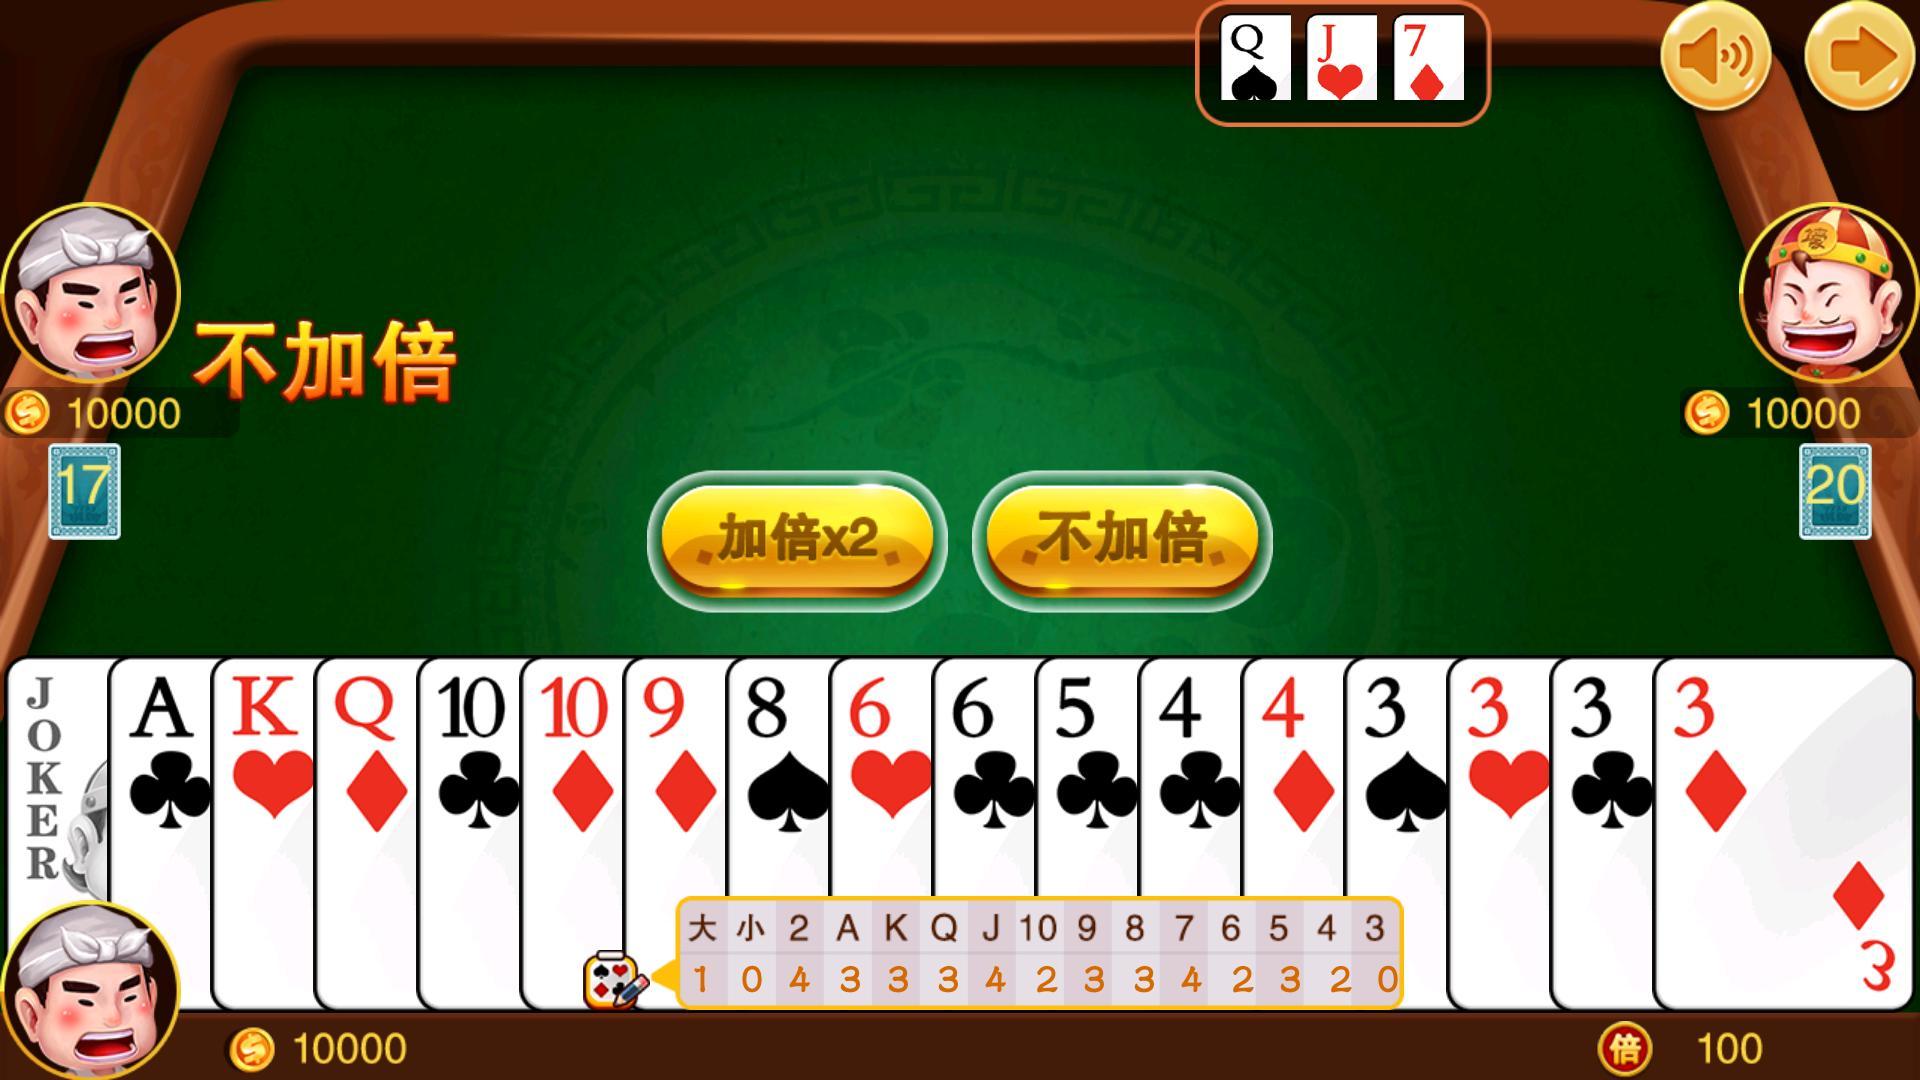 单机斗地主+联网 - 高智能斗地主单机版 2.2 Screenshot 7